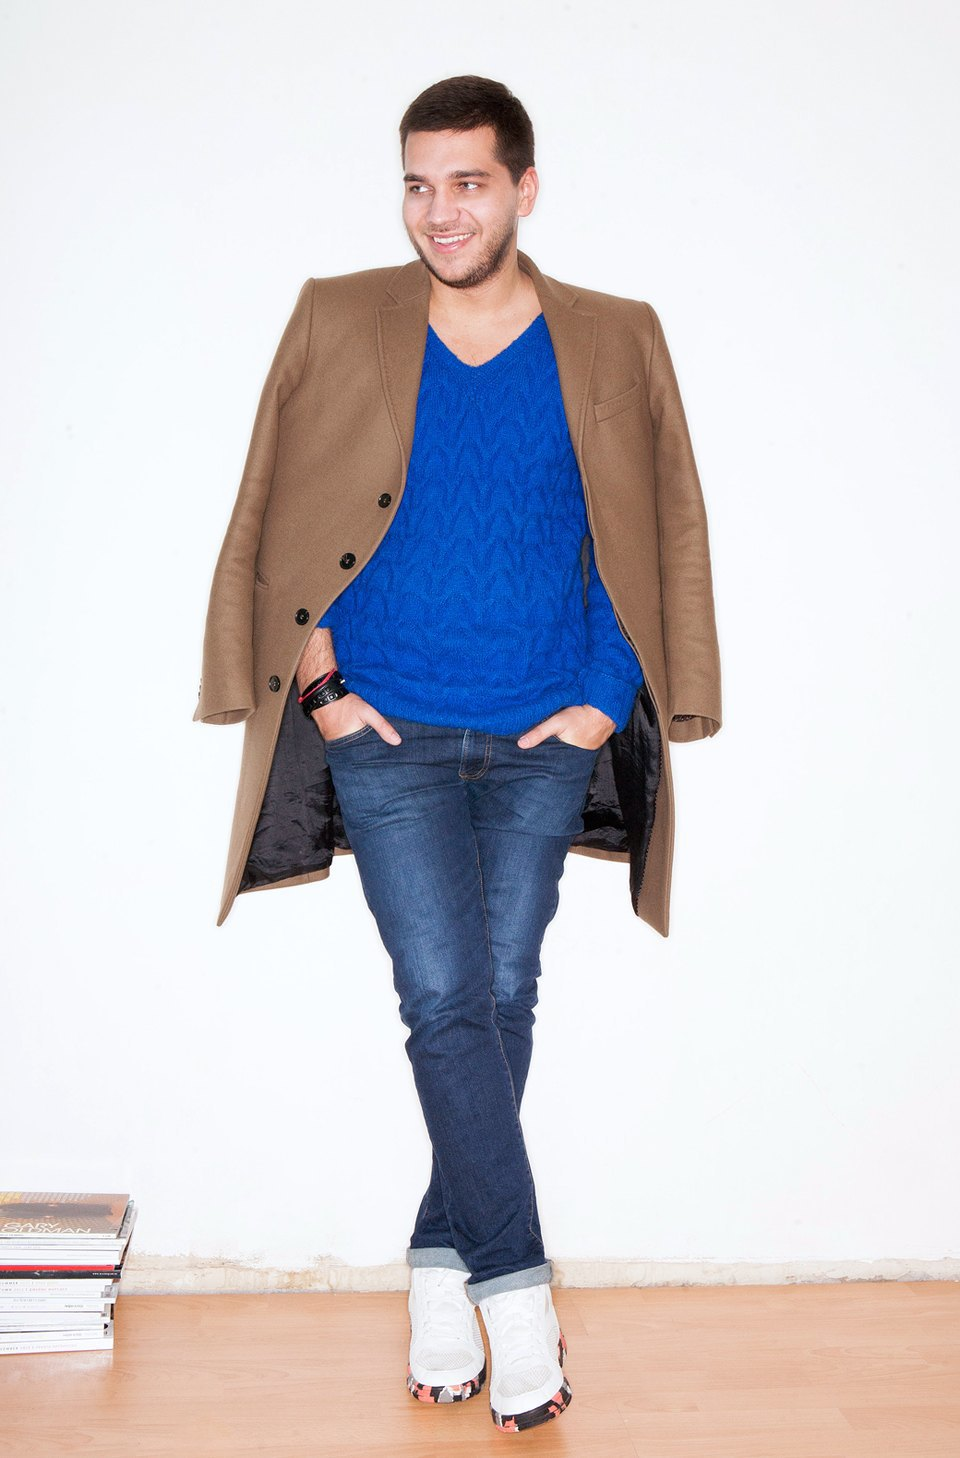 Паша Бобров, PR-специалист BSG Luxury Group. Изображение № 19.